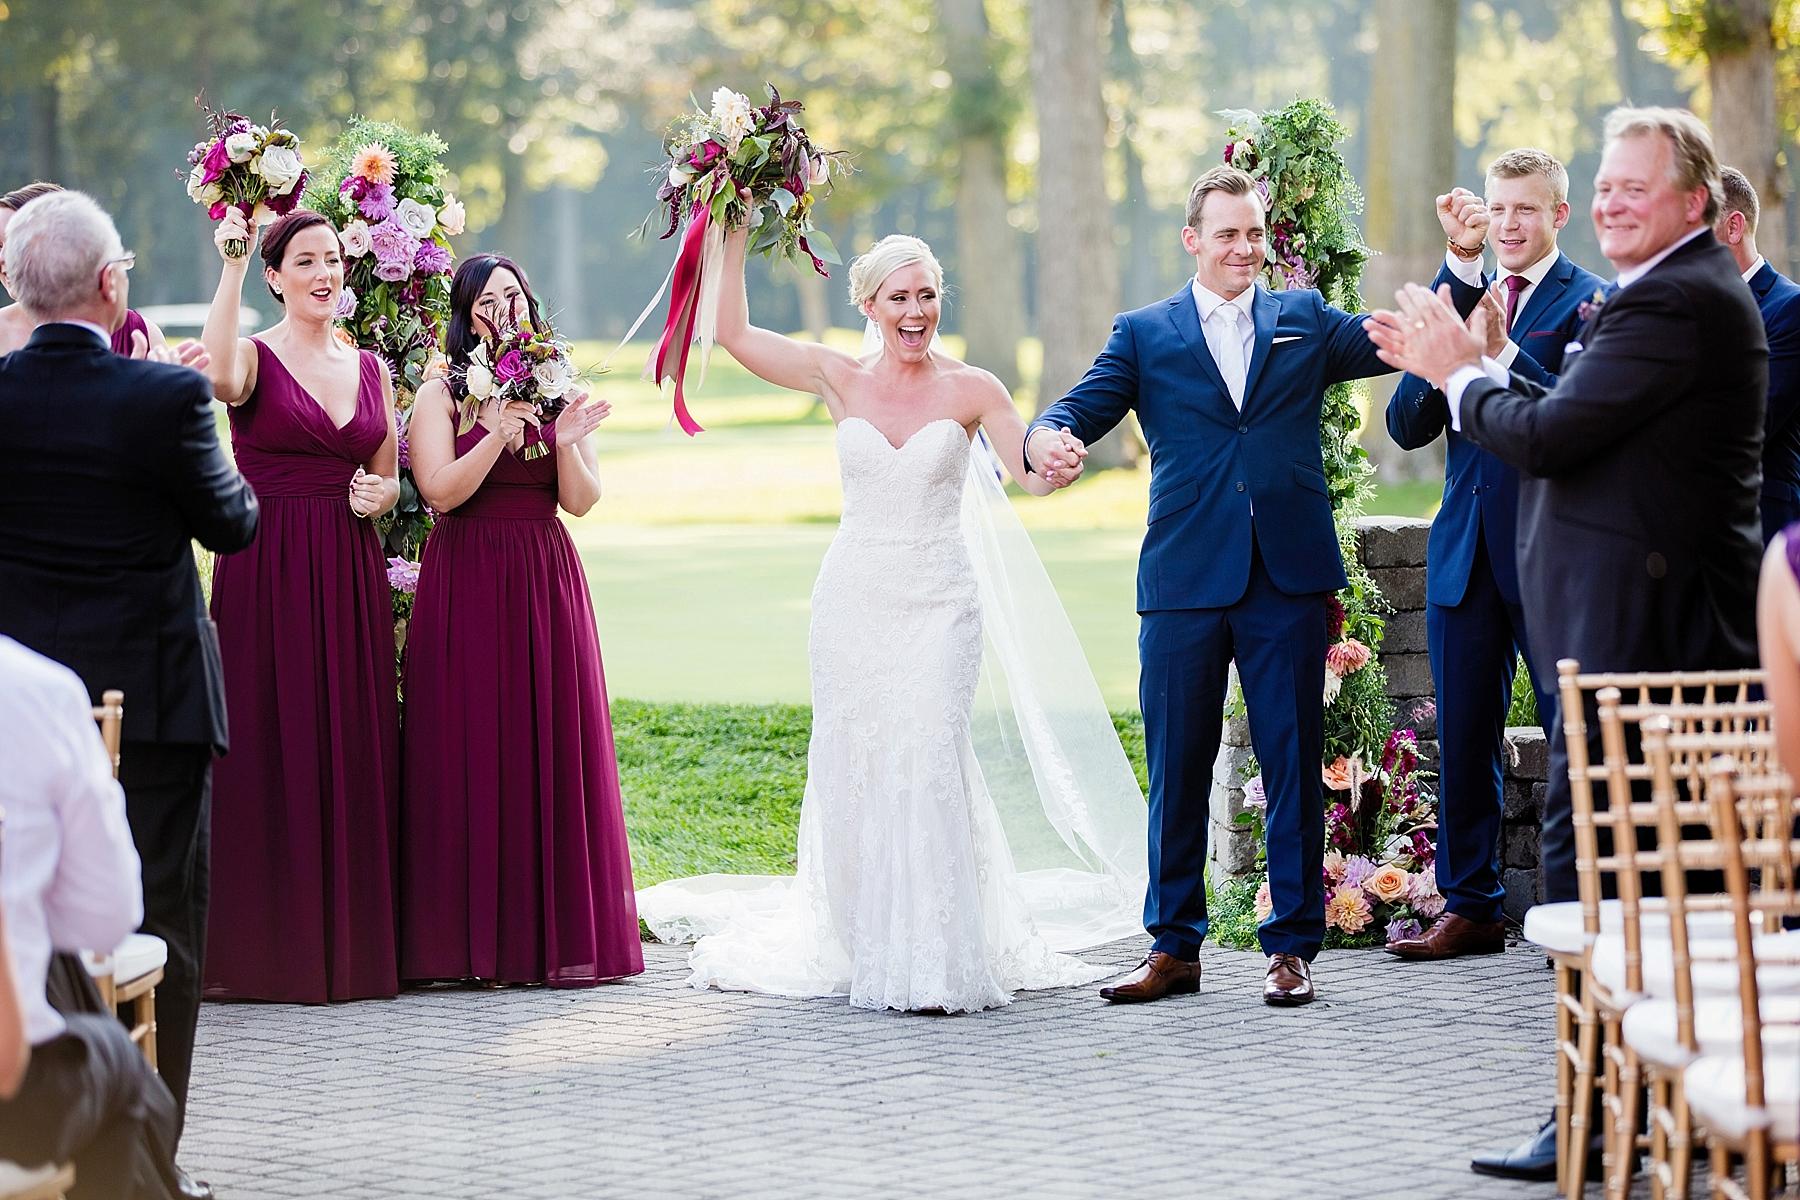 windsor-wedding-photographer-essex-golf-country-club-wedding-eryn-shea-photography_0035.jpg